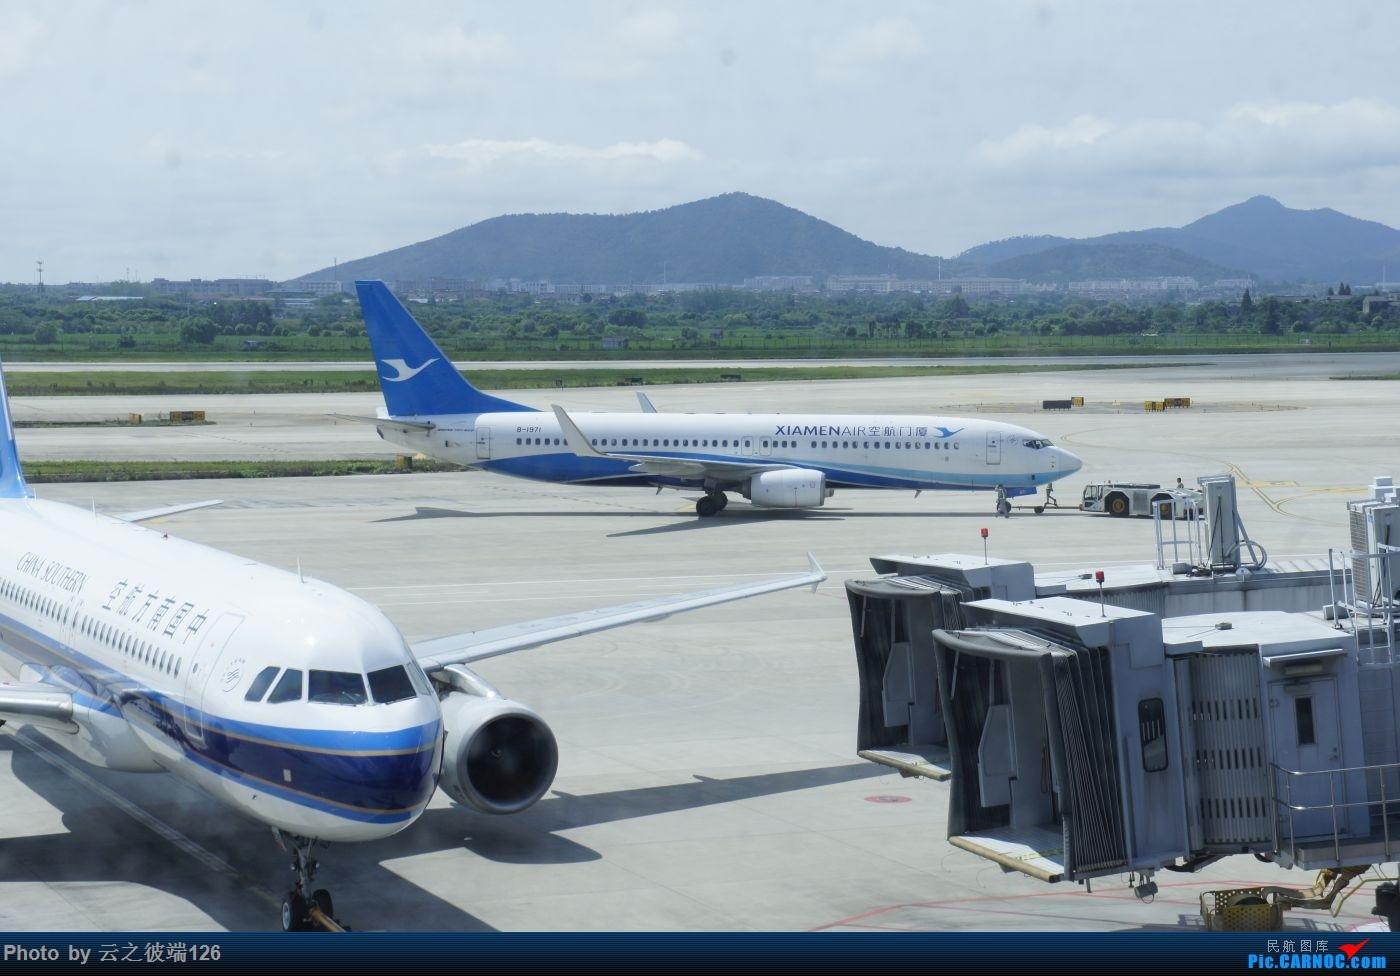 Re:[原创]---步入中原,时隔三年意外遇见你 NKG-XIY-HFE--- BOEING 737-800 B-1971 中国南京禄口国际机场